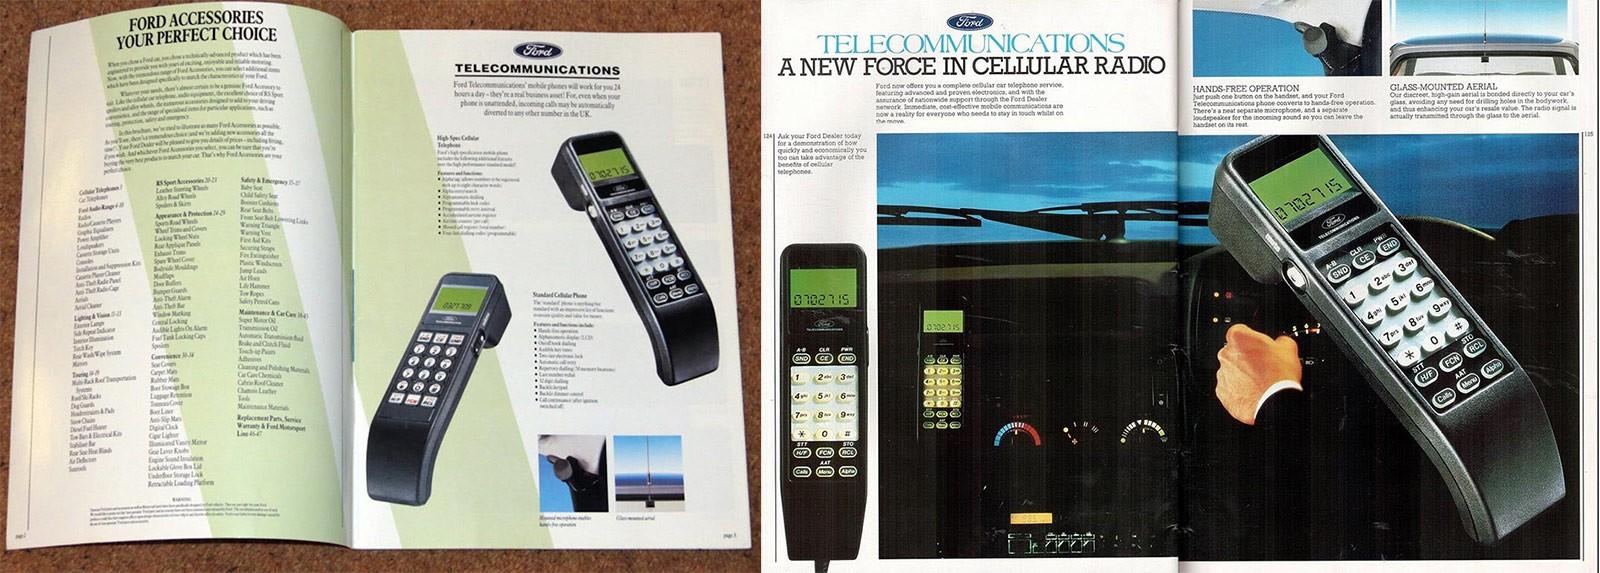 Компьютерный дизайн, радиотелефон и богатая комплектация: мифы и факты о Ford Scorpio I